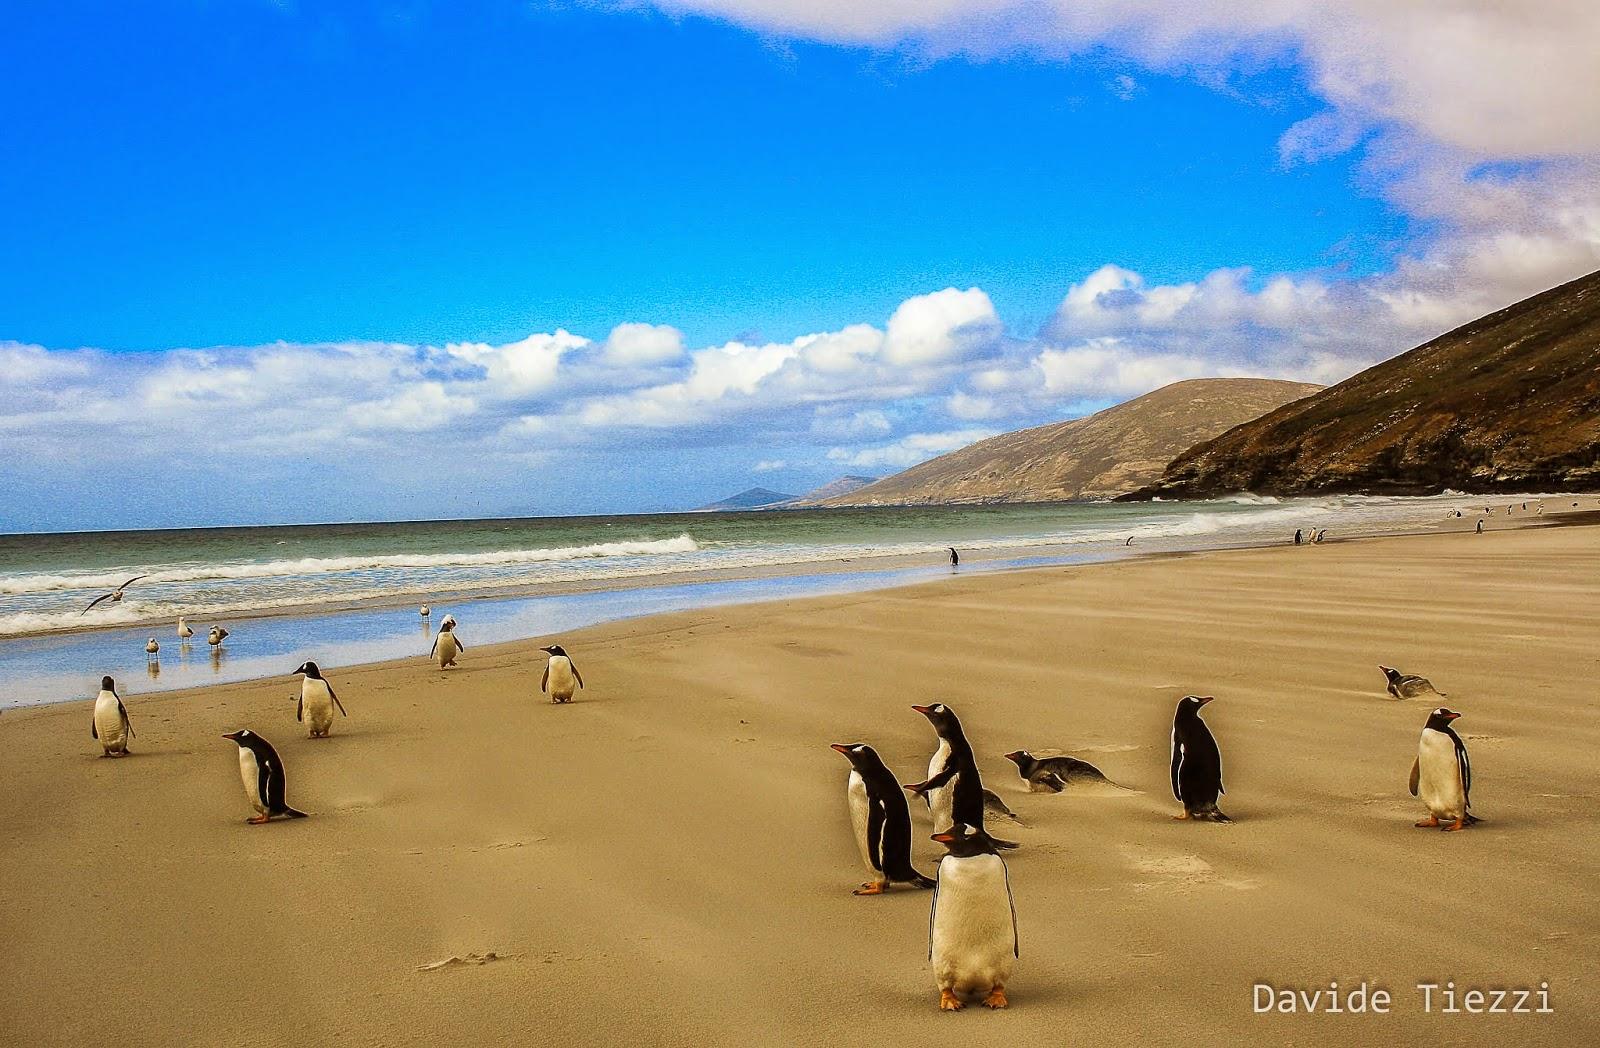 Visitare le Isole Malvinas o le Falkland